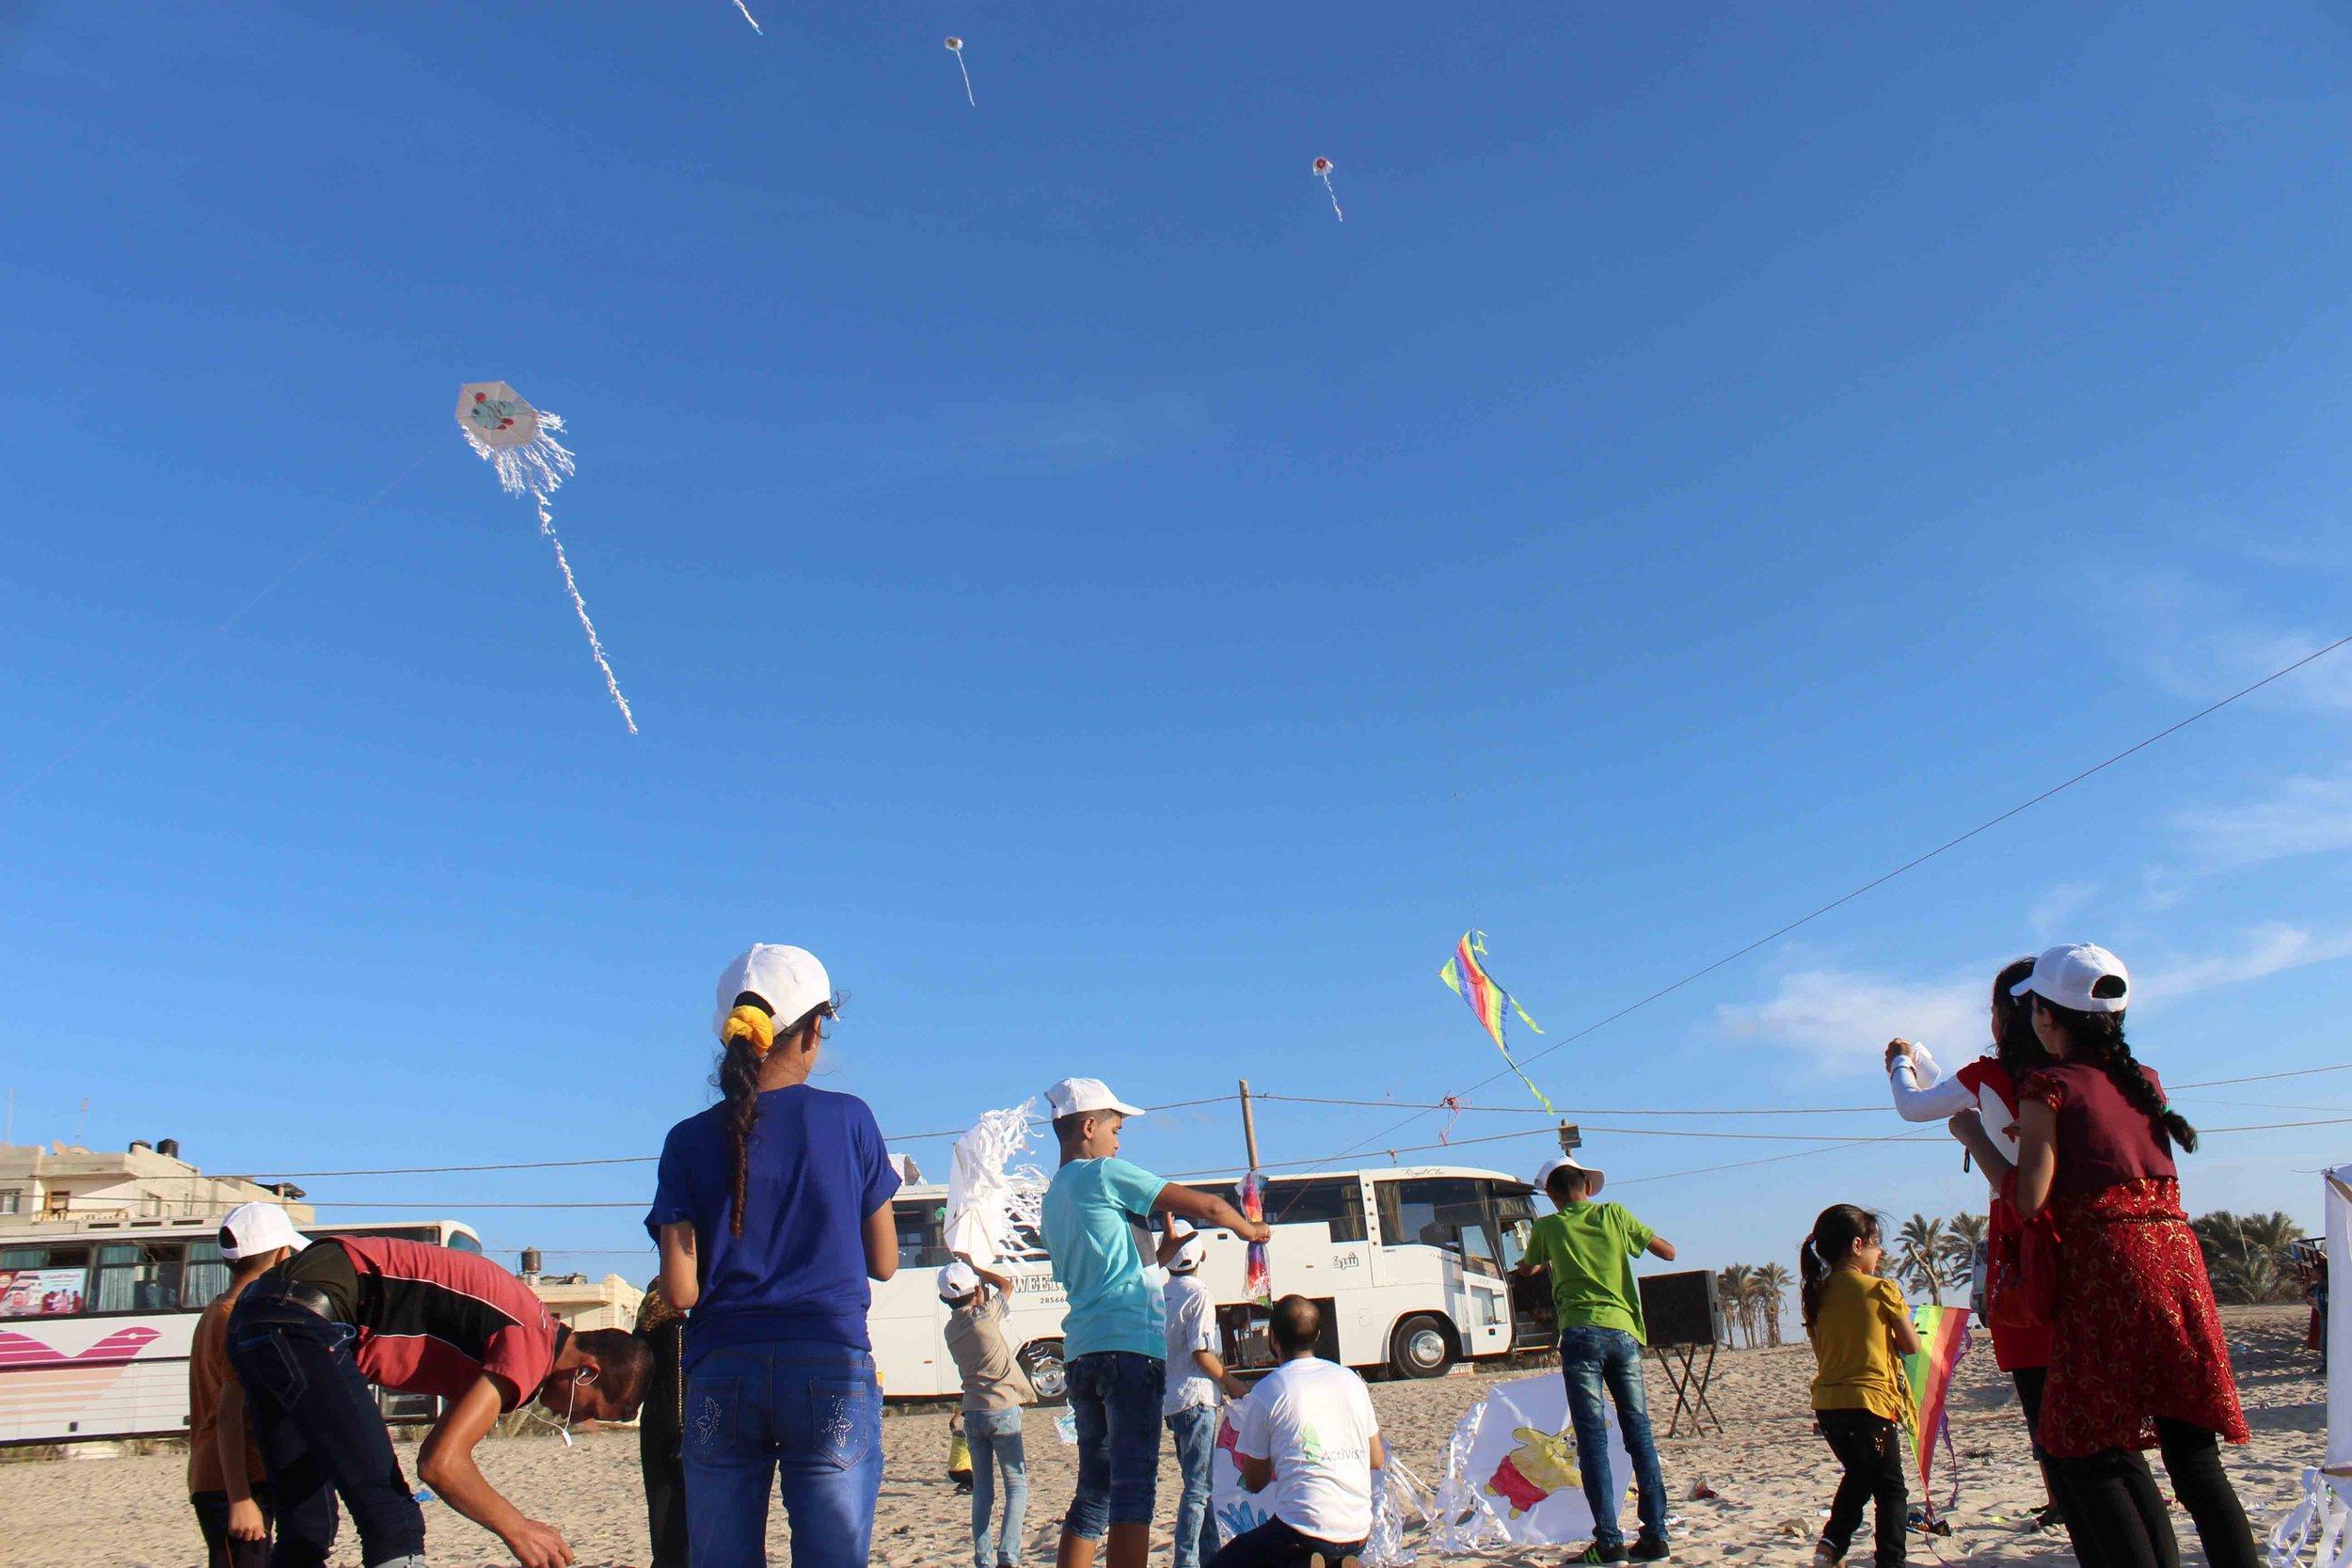 Kite Flying 4.jpg